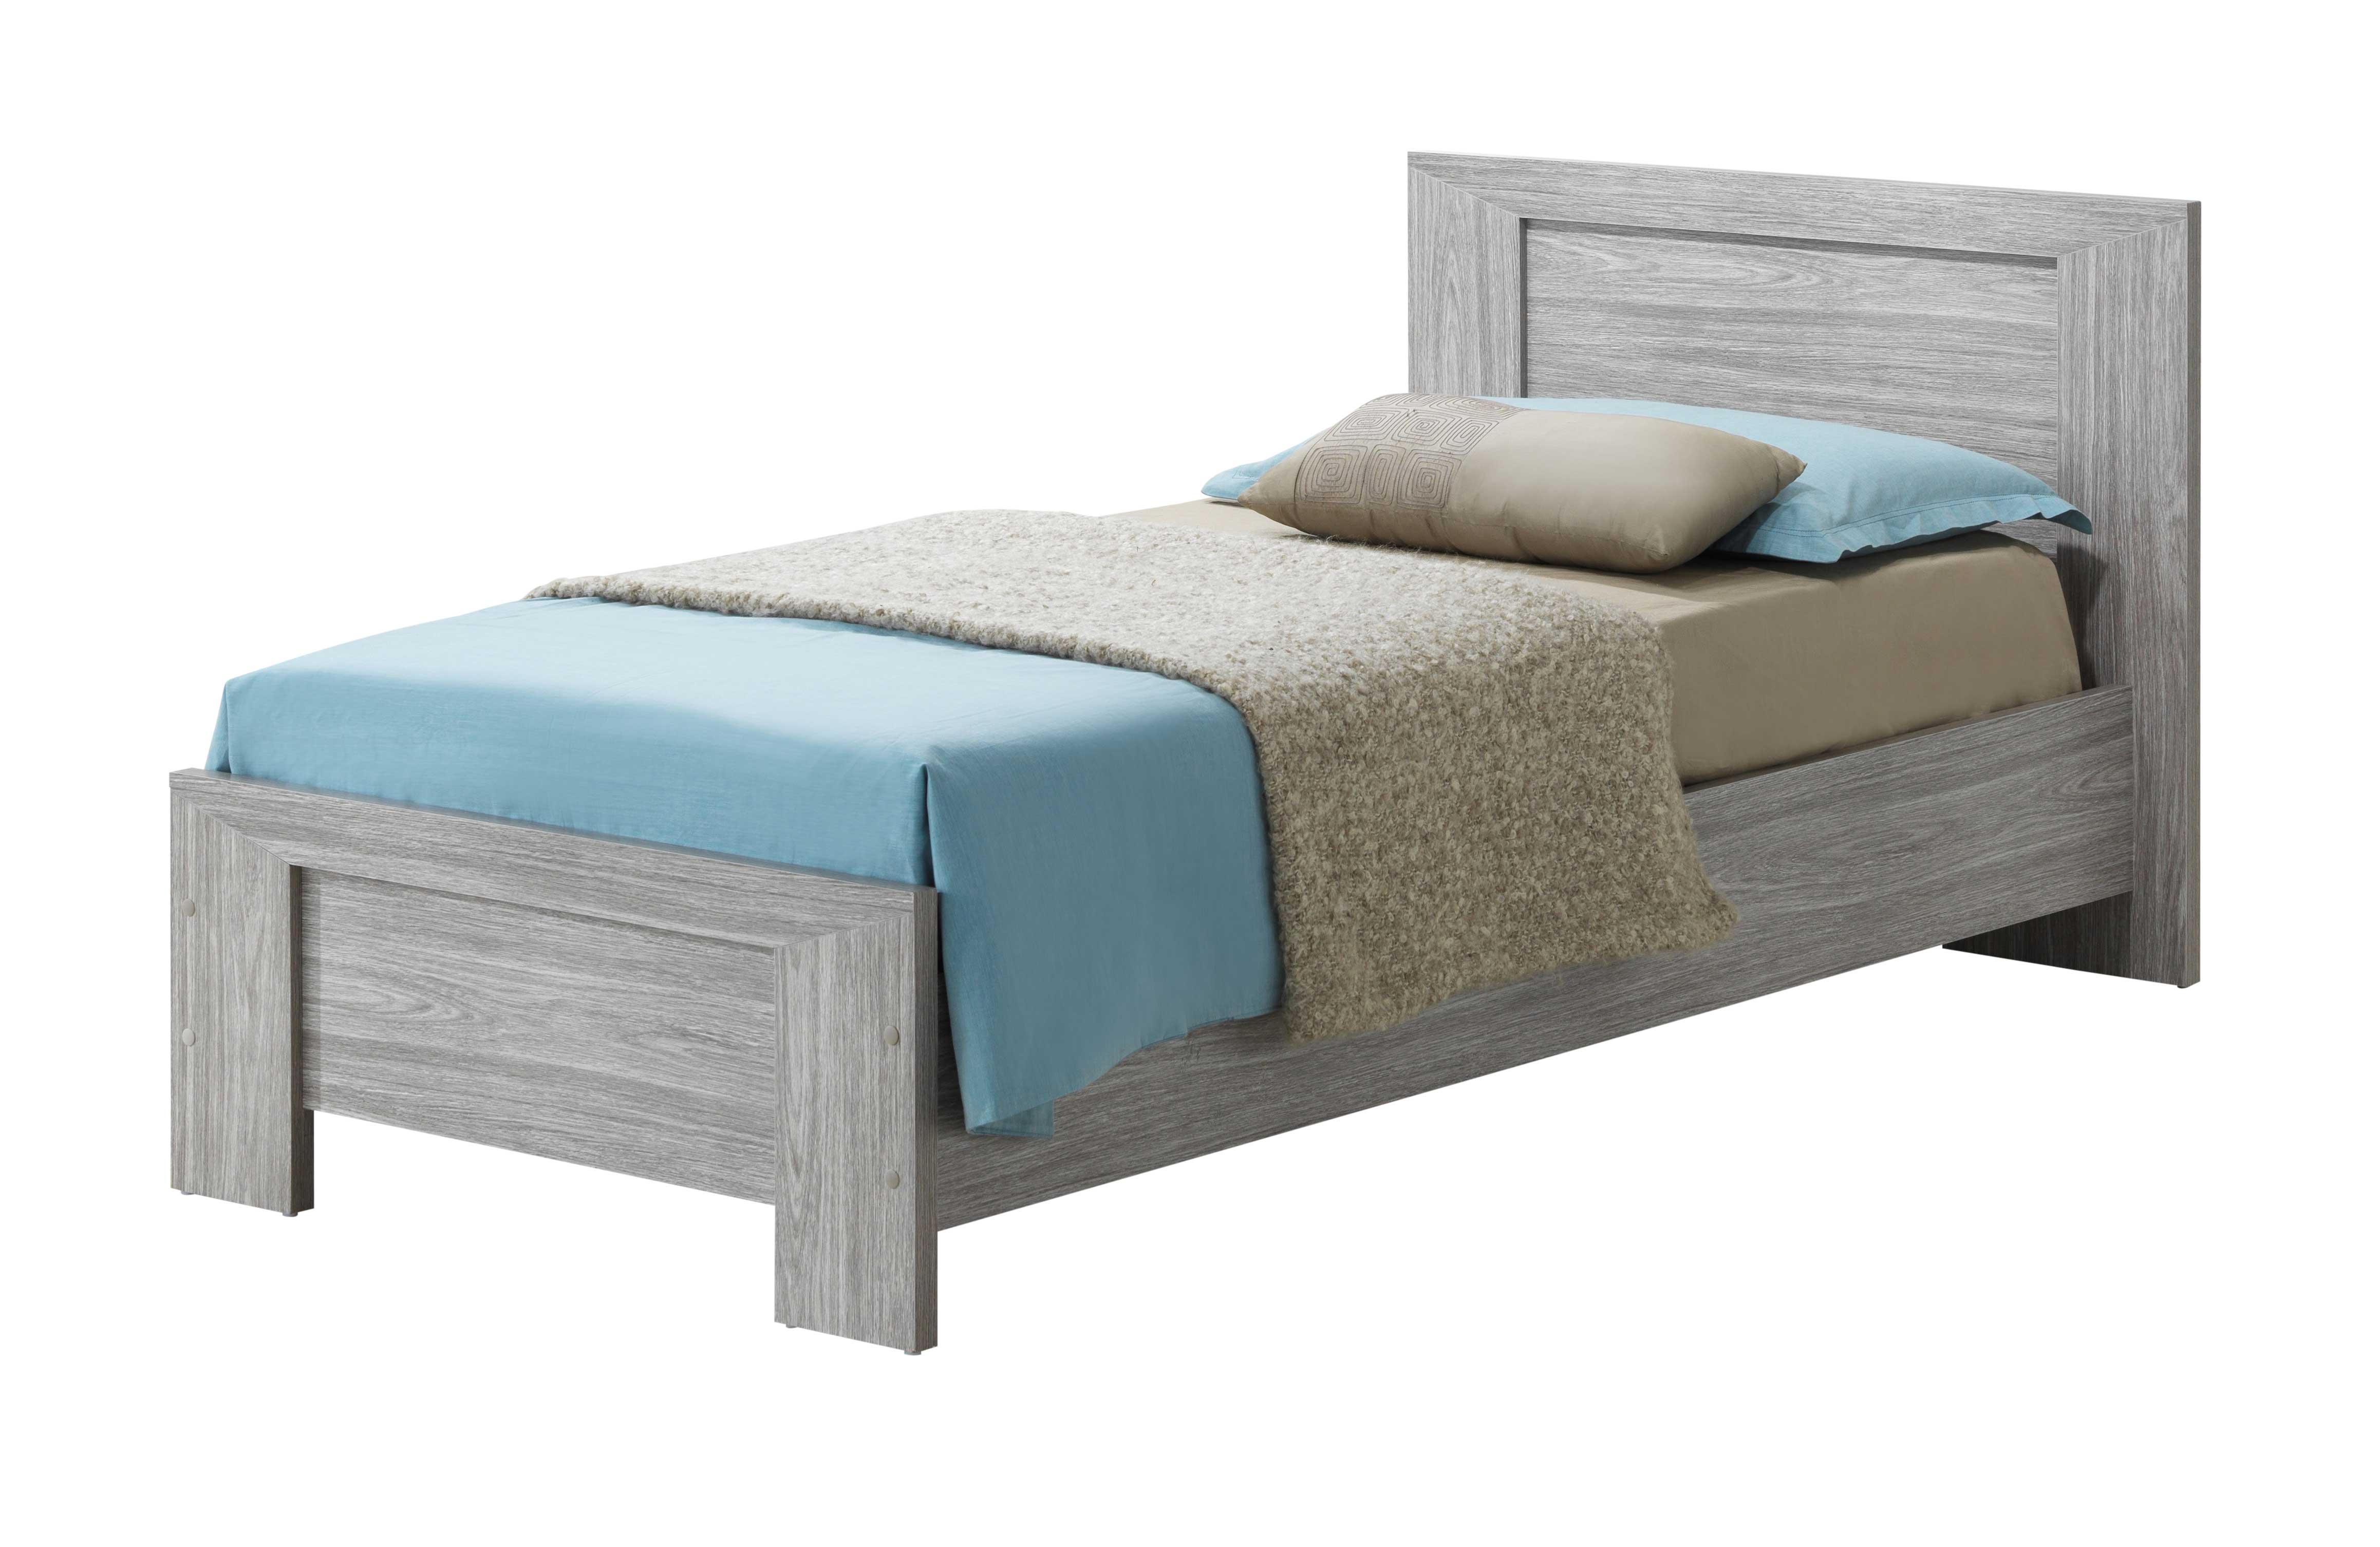 Bed Heaven 90x200 cm - eik/grijs